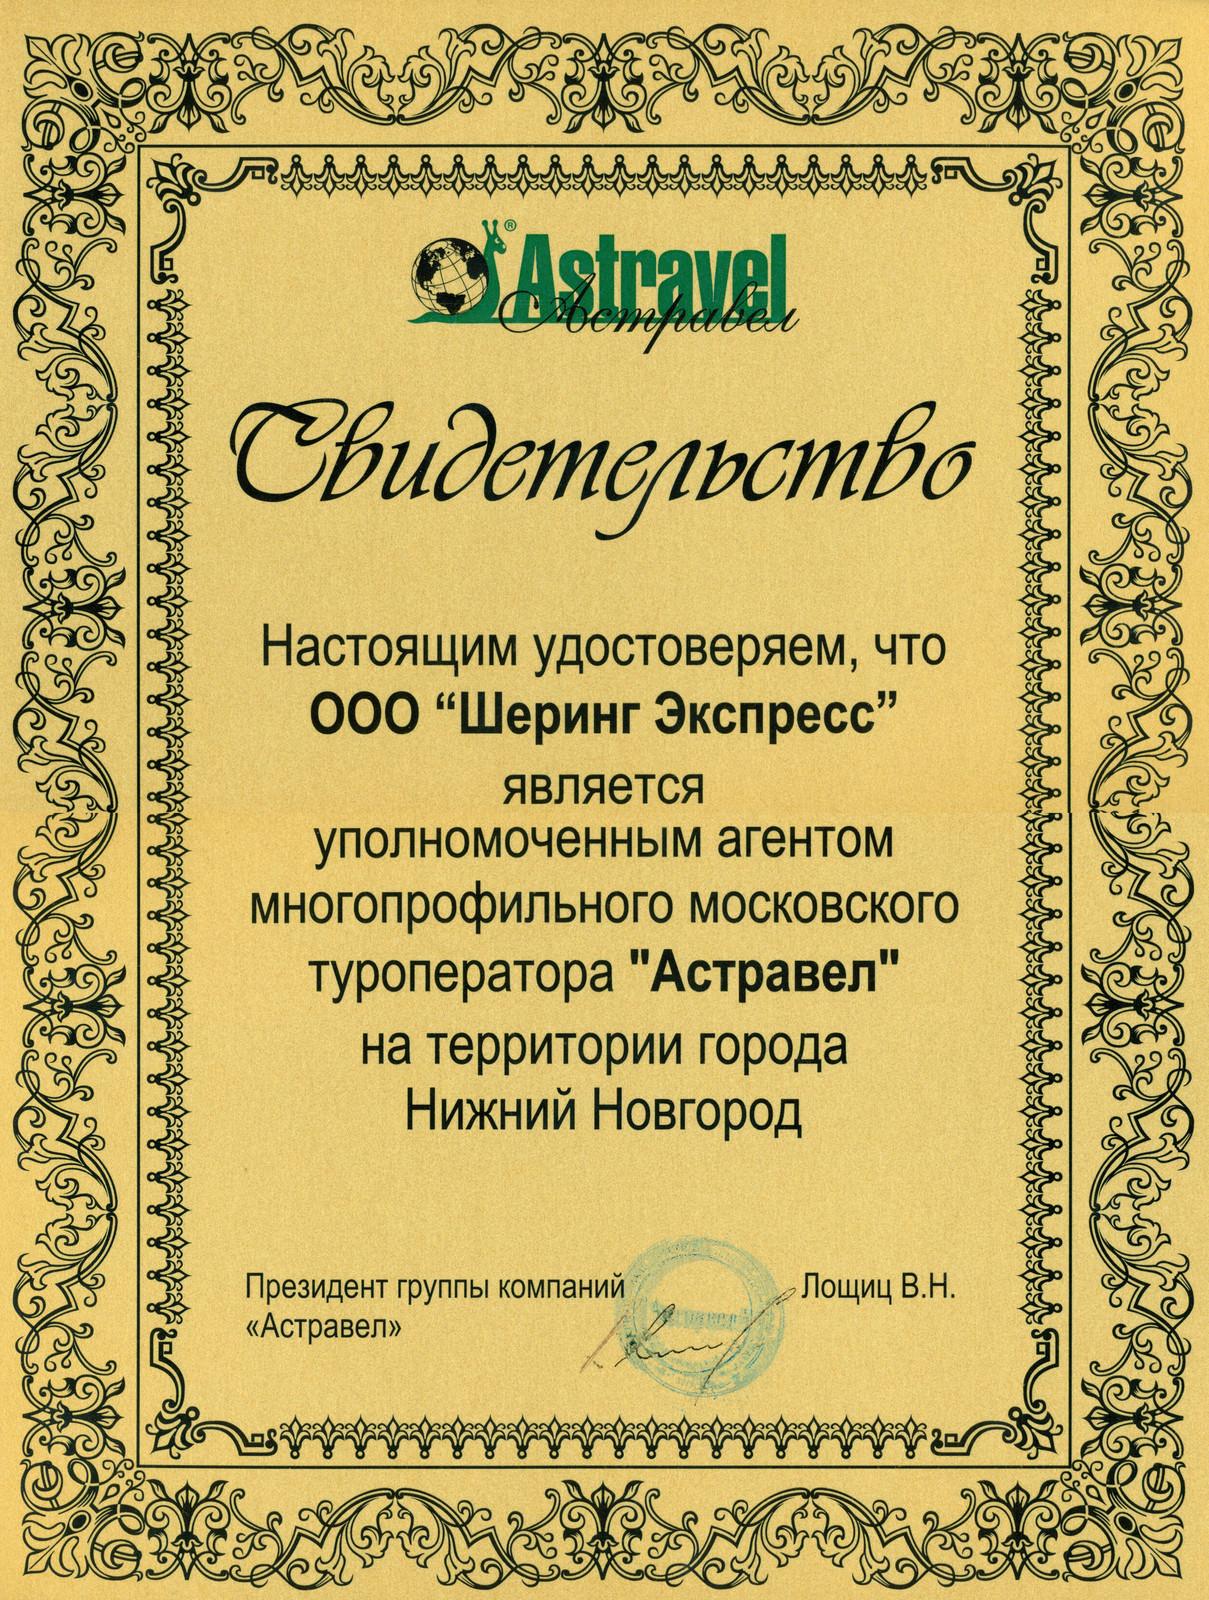 Горящие туры на Кипр Нижний Новгород